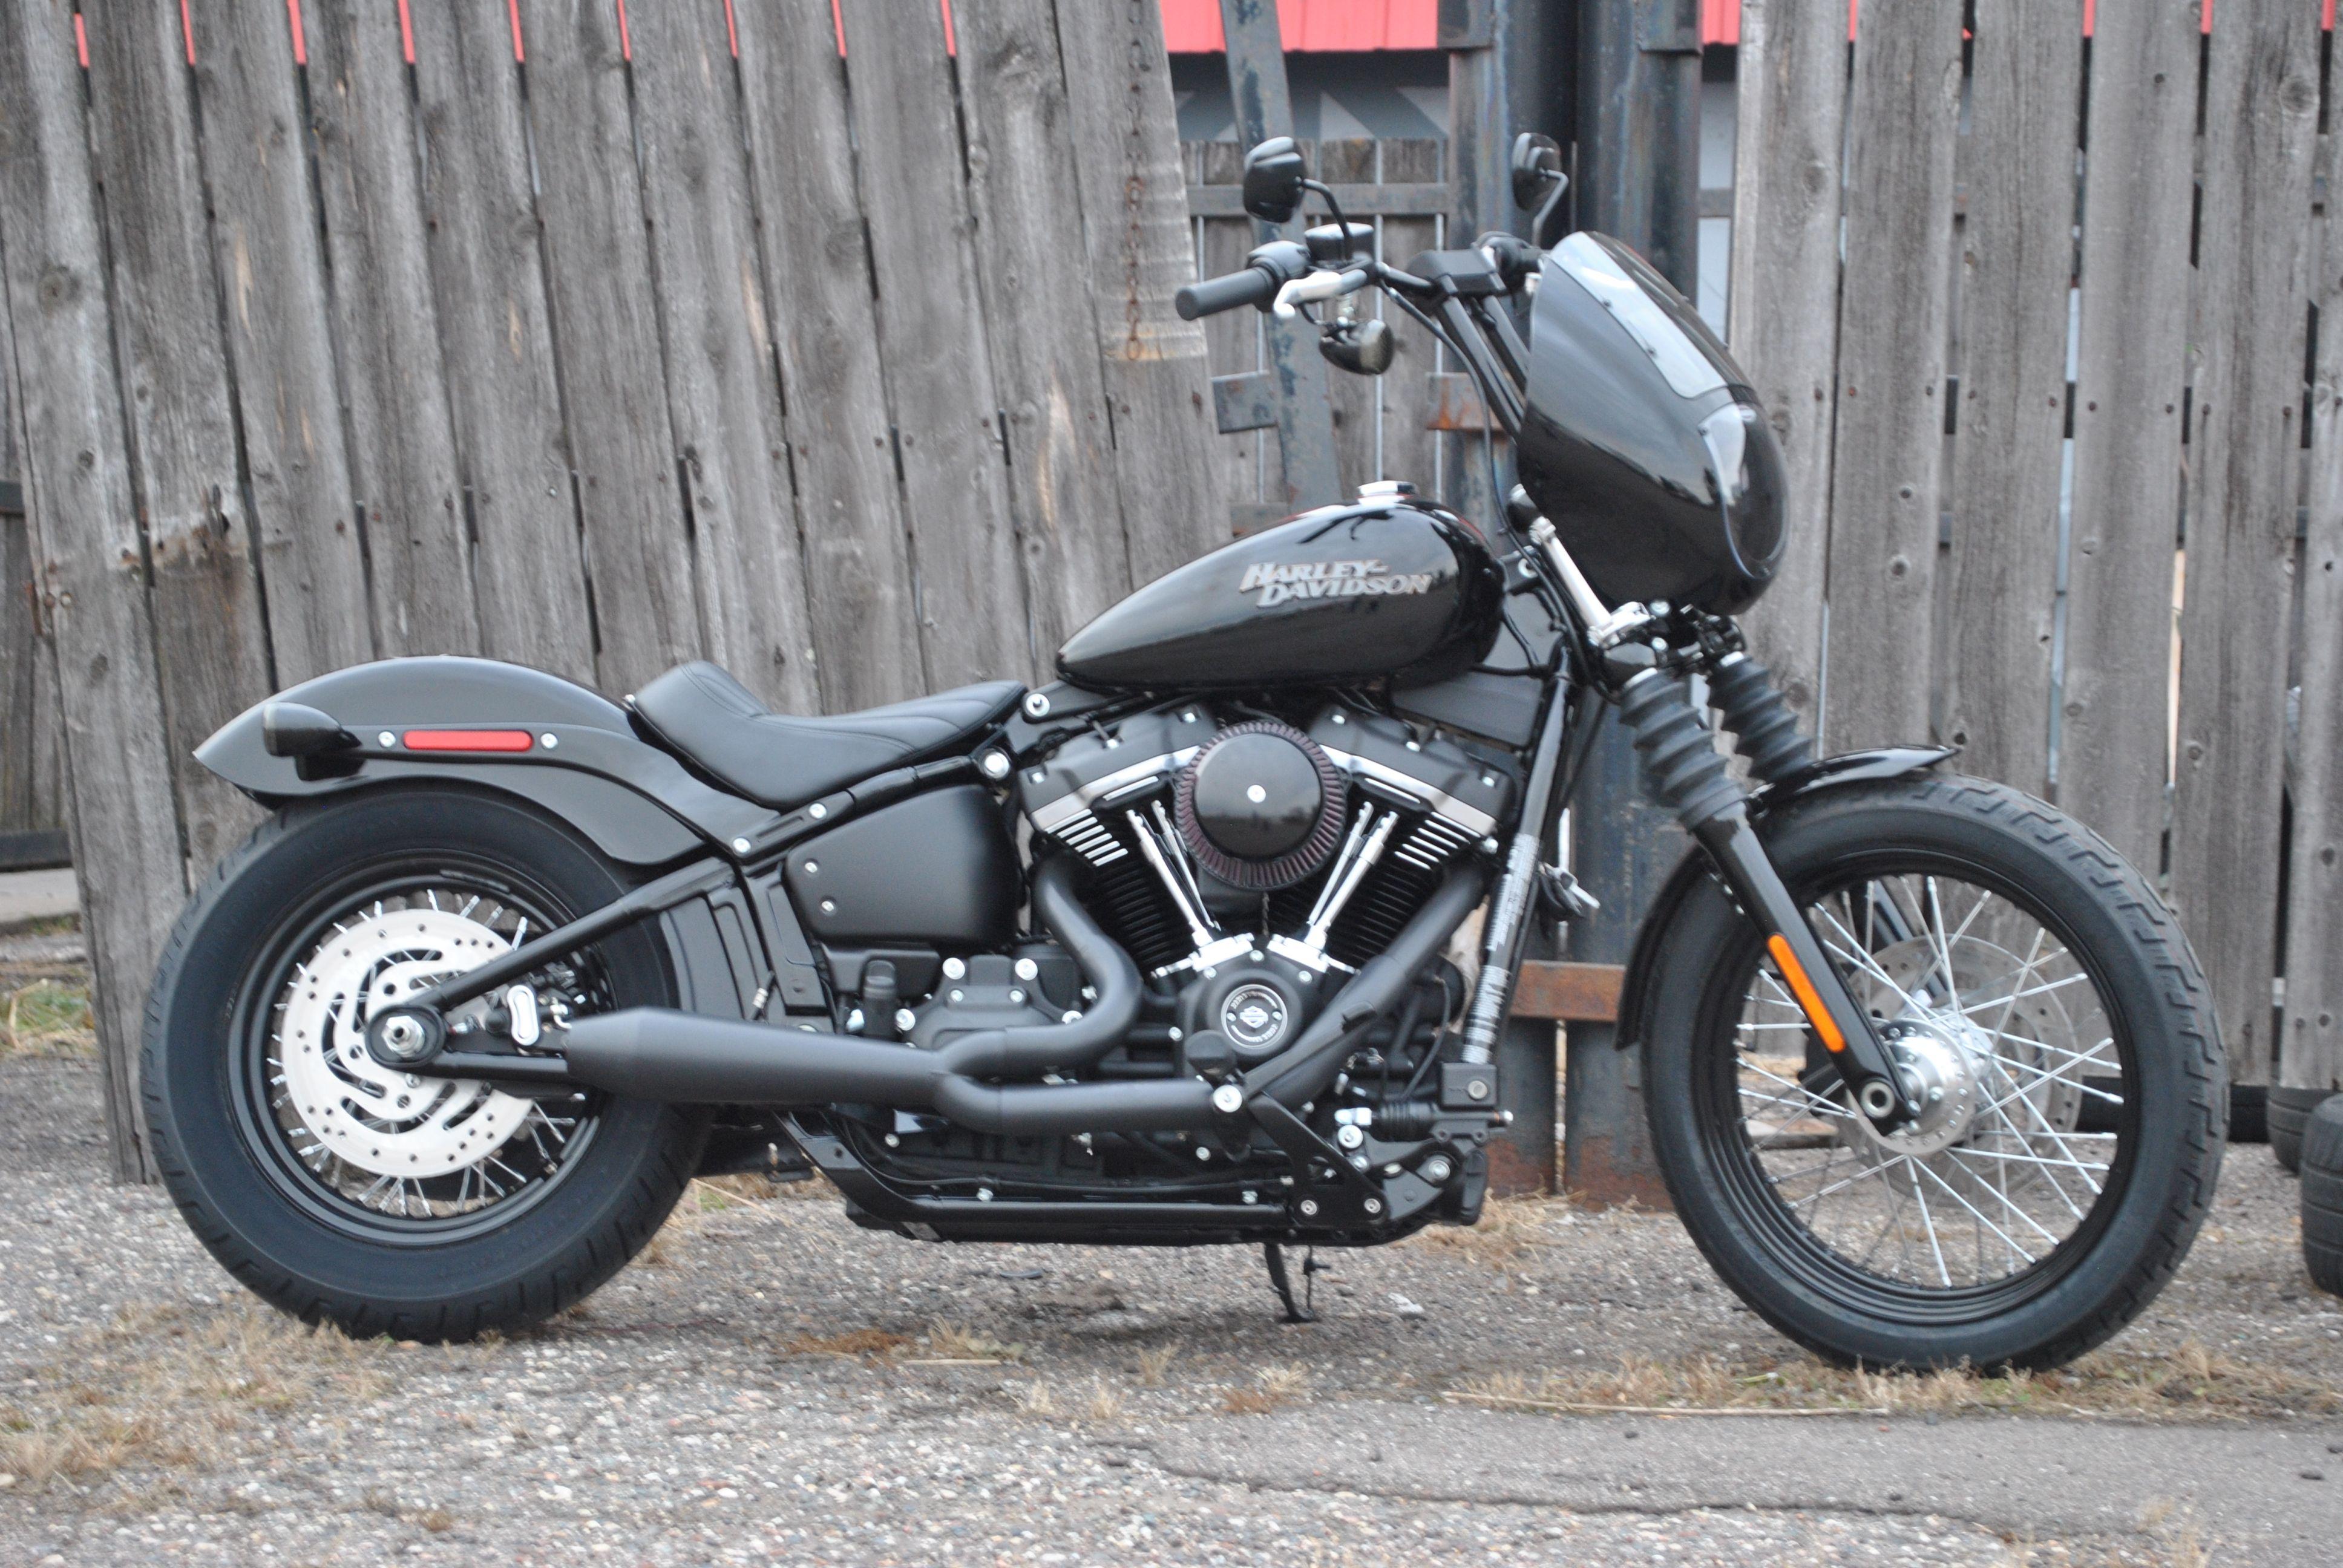 18 motorcycle bike ideas motorcycle